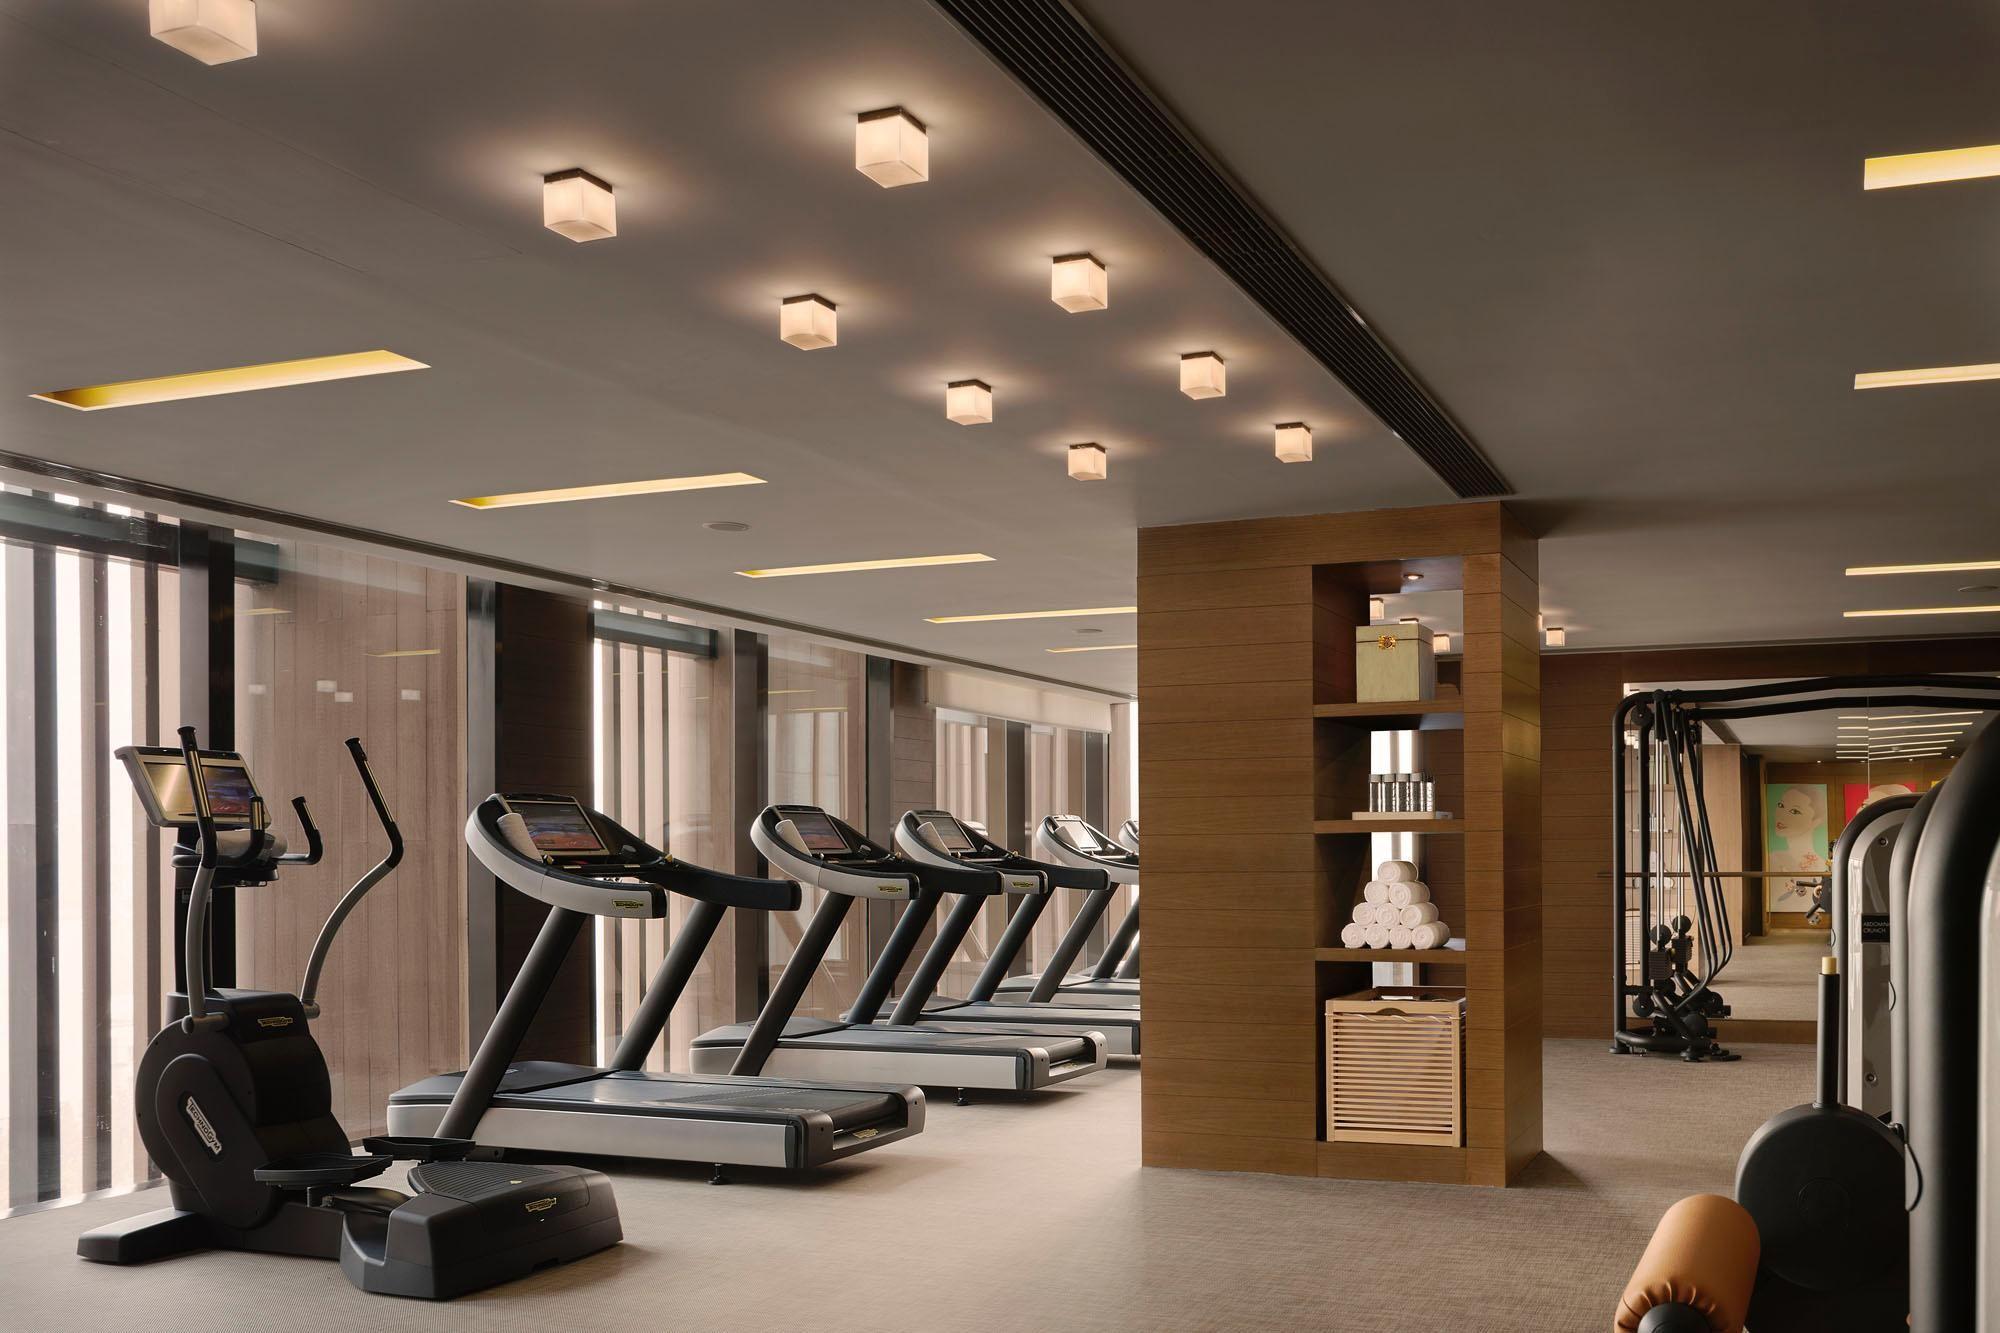 Rosewood Beijing Updated 2019 Hotel Reviews Price Comparison And 1 072 Photos China Tripadvisor Gym Interior Home Gym Design Gym Design Interior